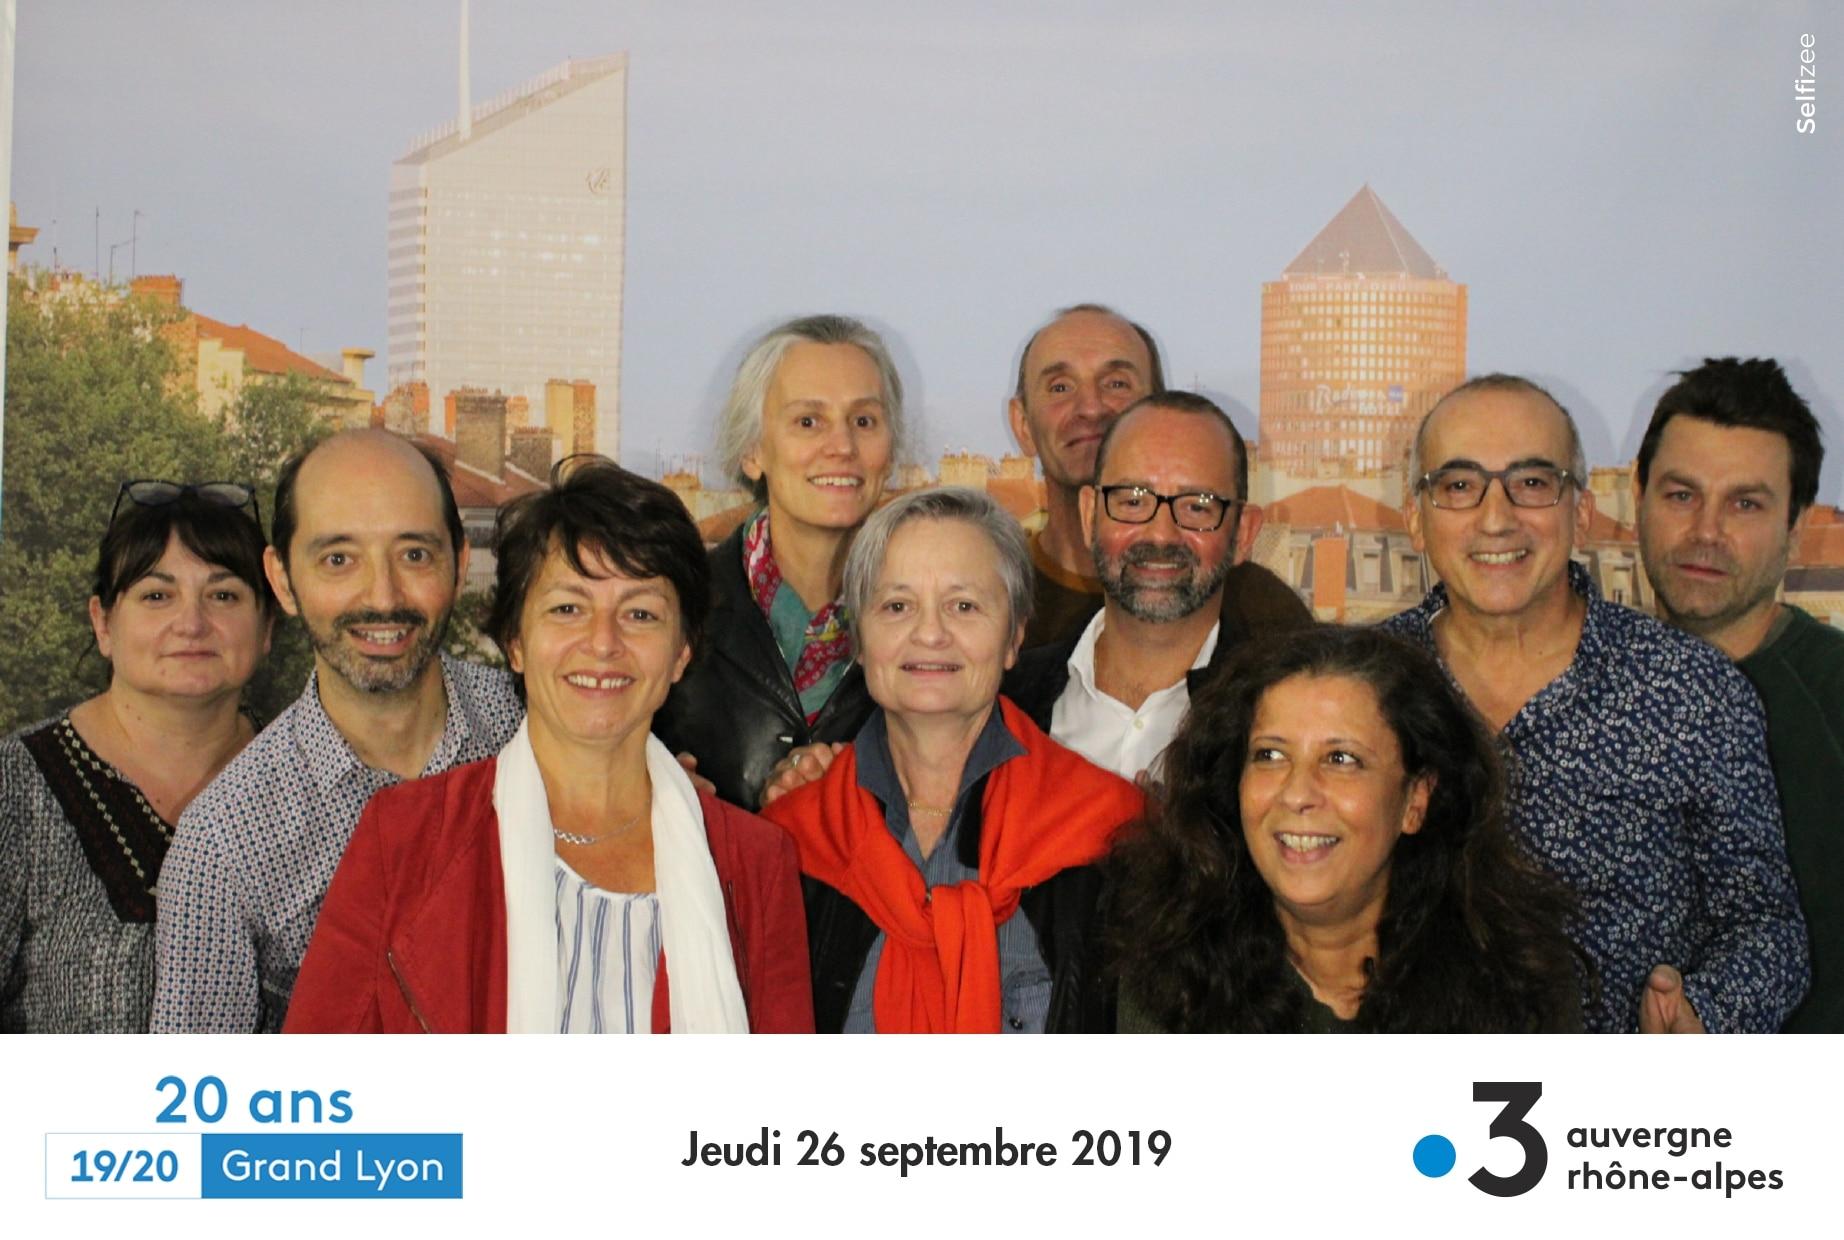 Photobooth connecté et animation photocall à soirée anniversaire 20 ans France 3 à Lyon